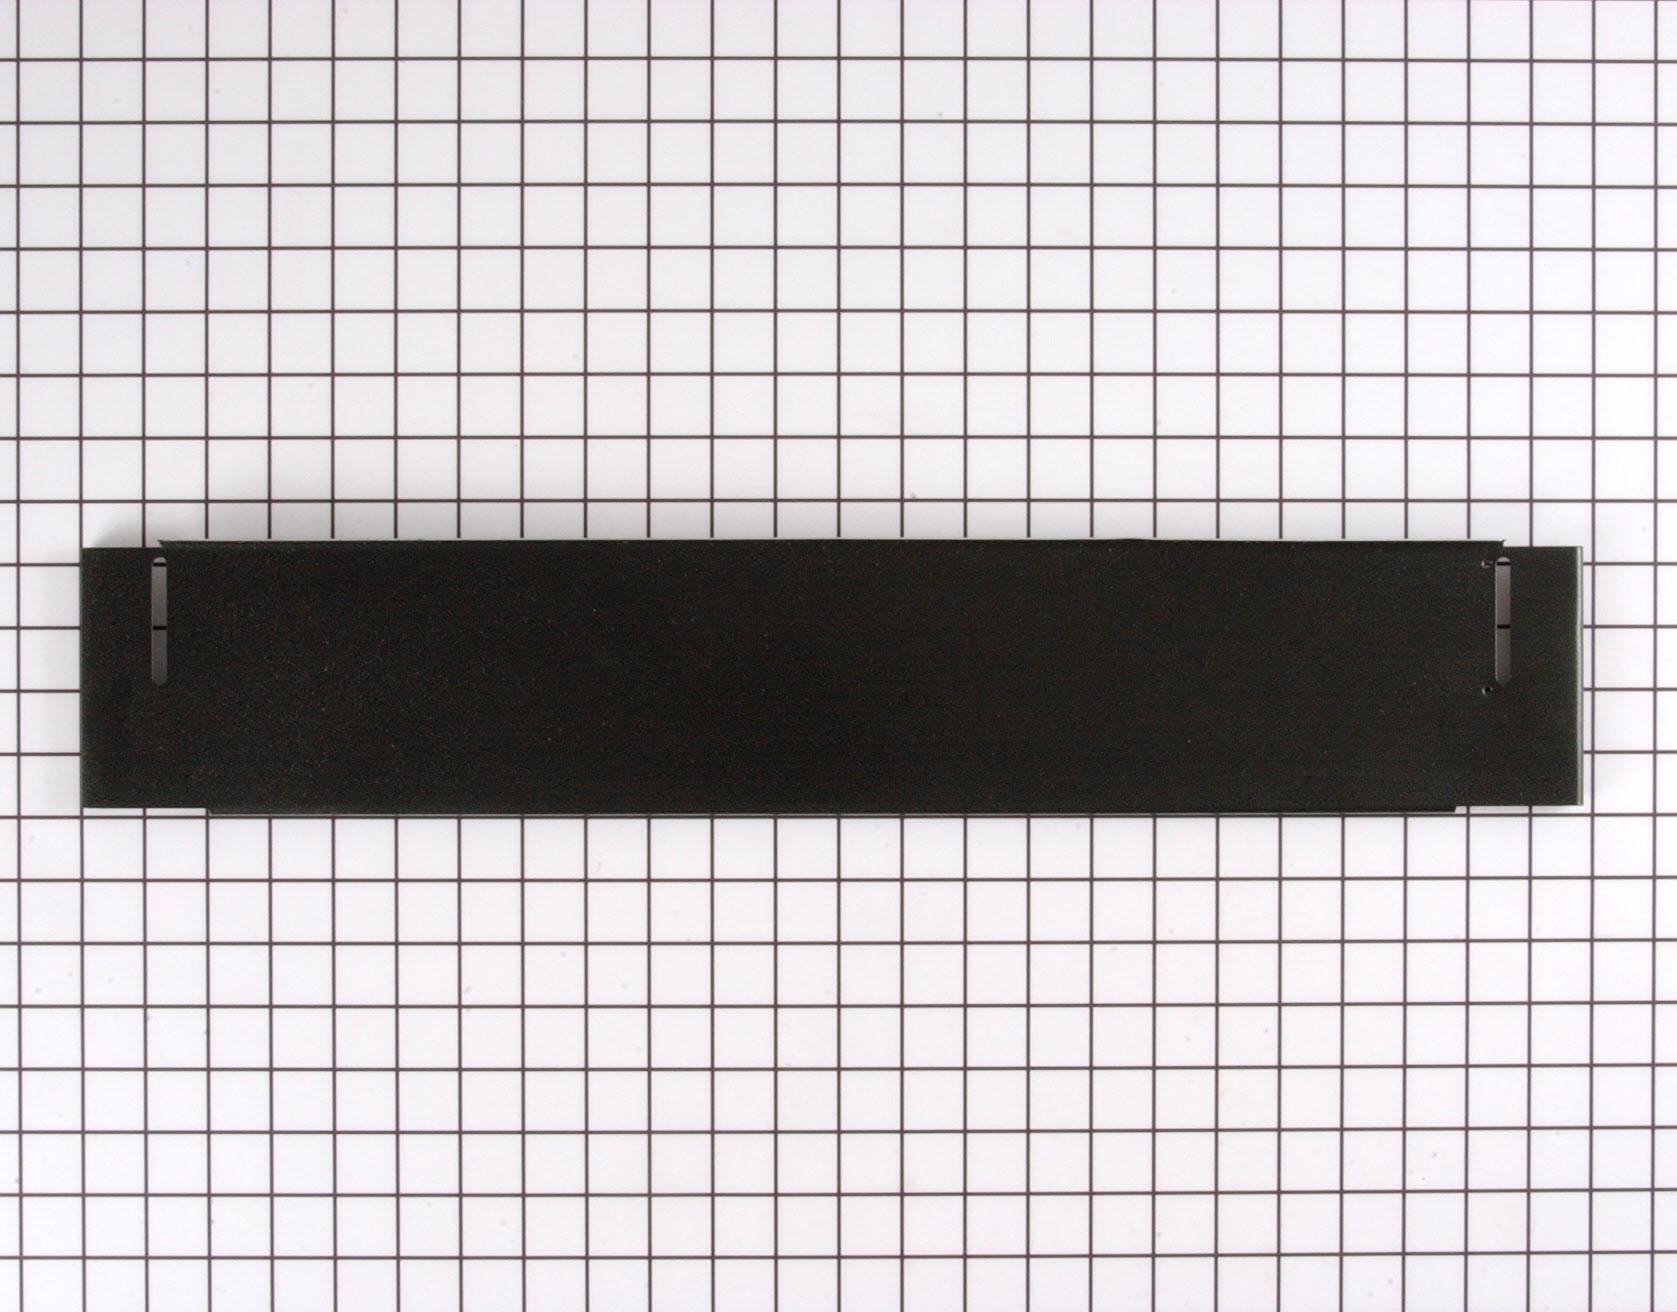 WP6-912640 Crosley Dishwasher Part -Toe Kick Plate